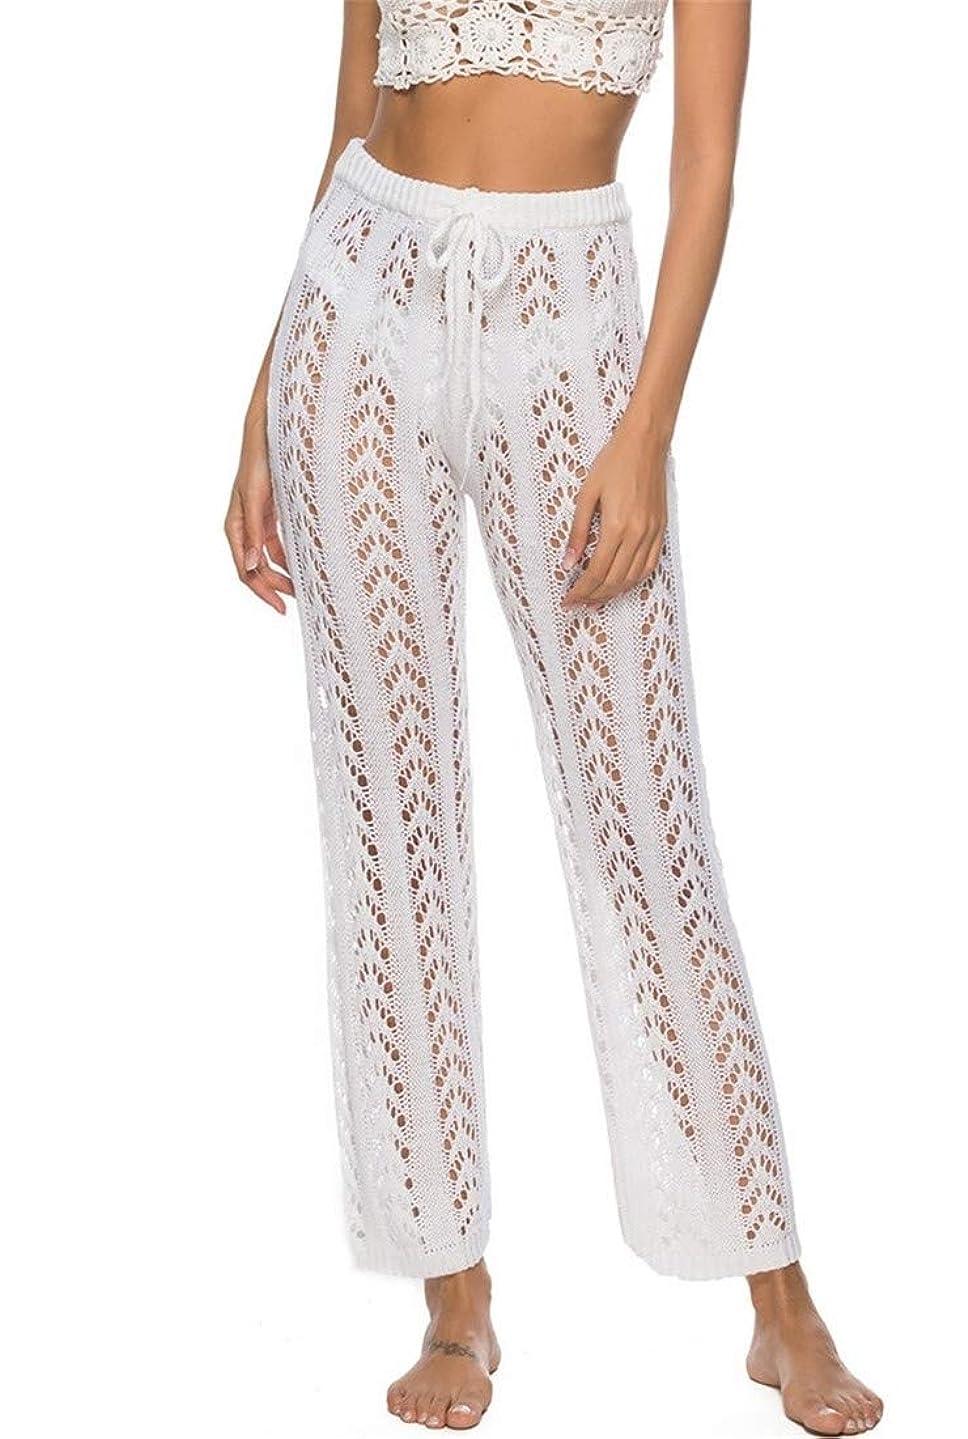 iNewbetter Women Sexy Bikini Crochet Cover Up Pants Soft Summer Hollow Beach Wear